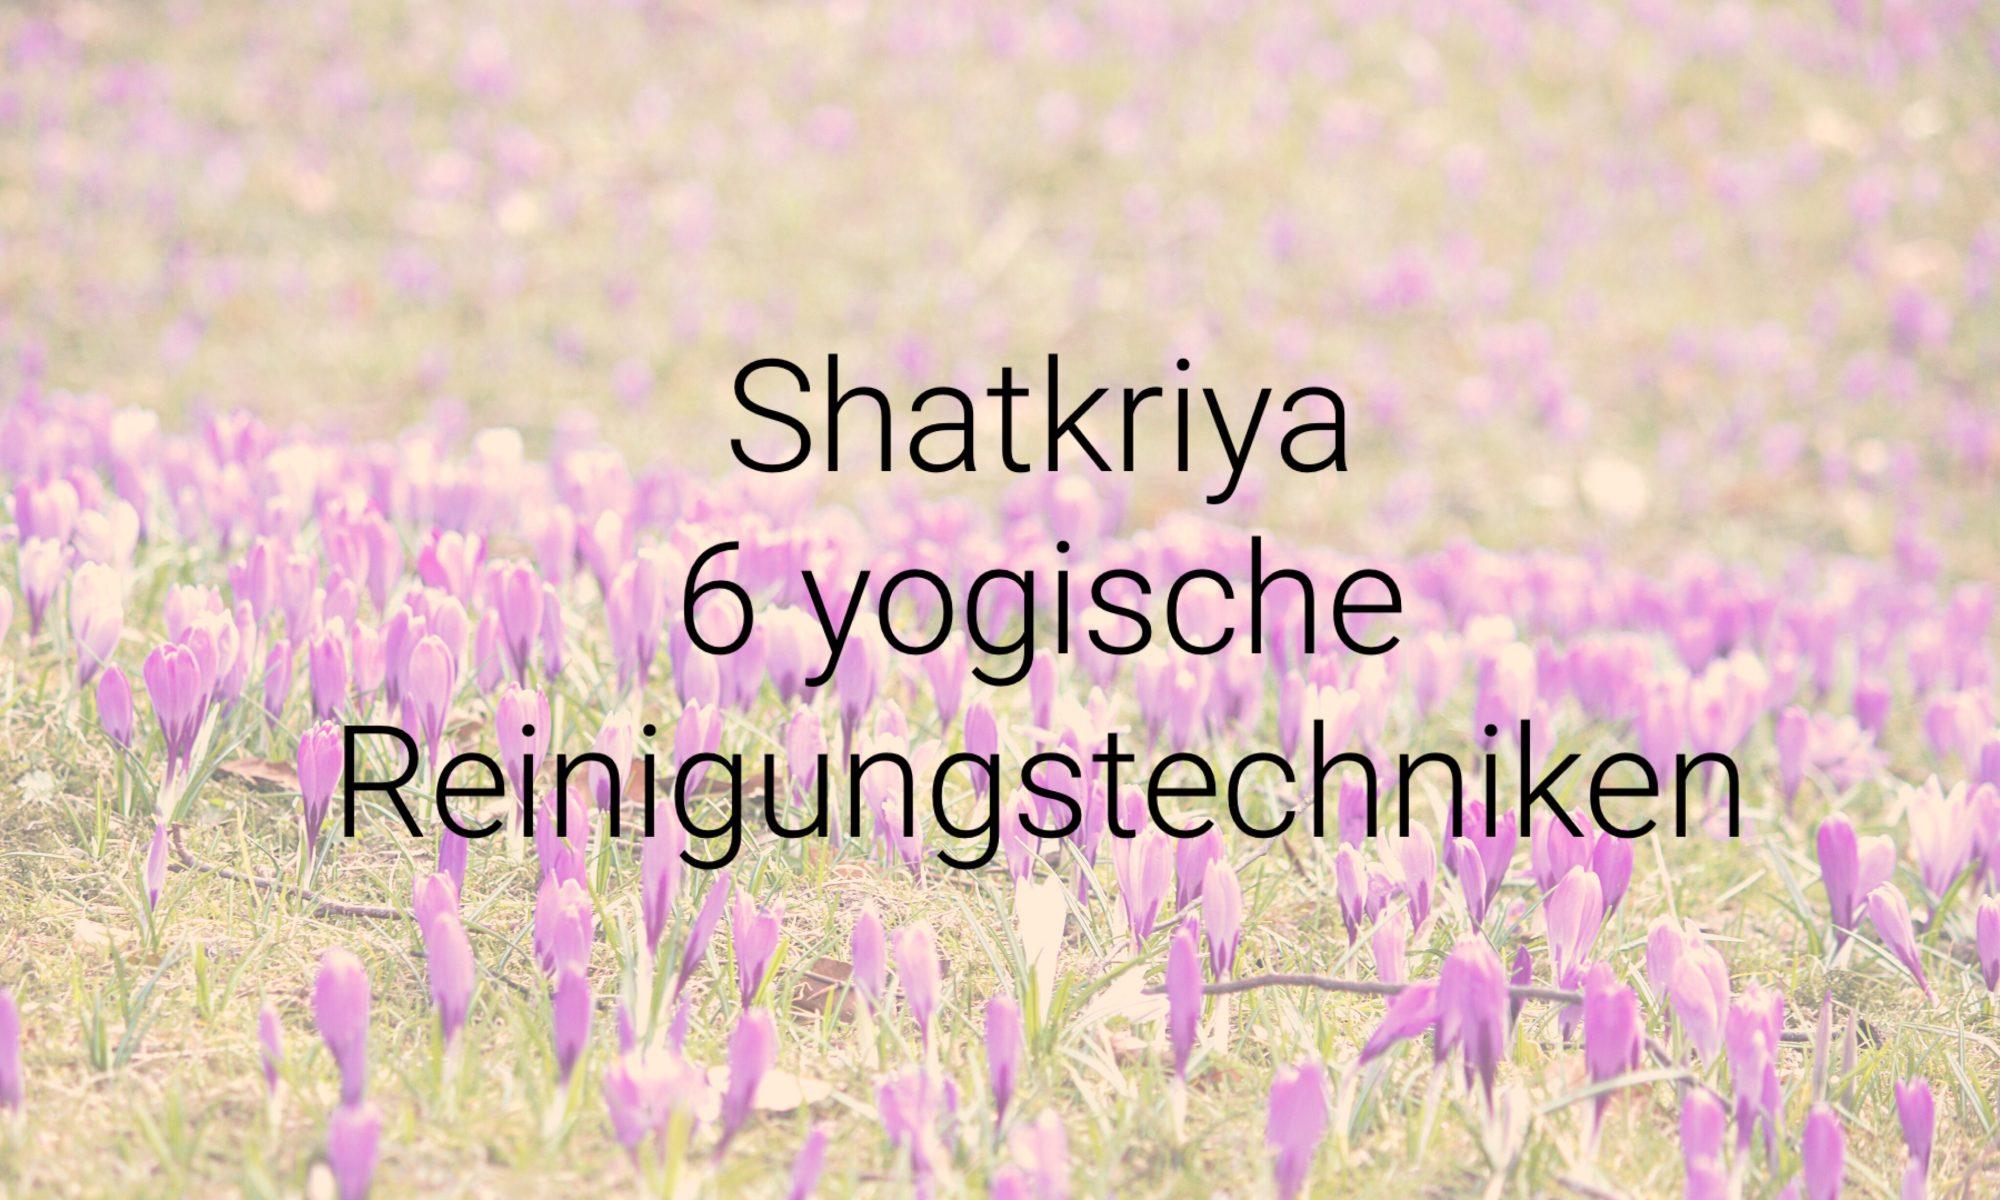 Shatkriya - 6 yogische Reinigungstechniken